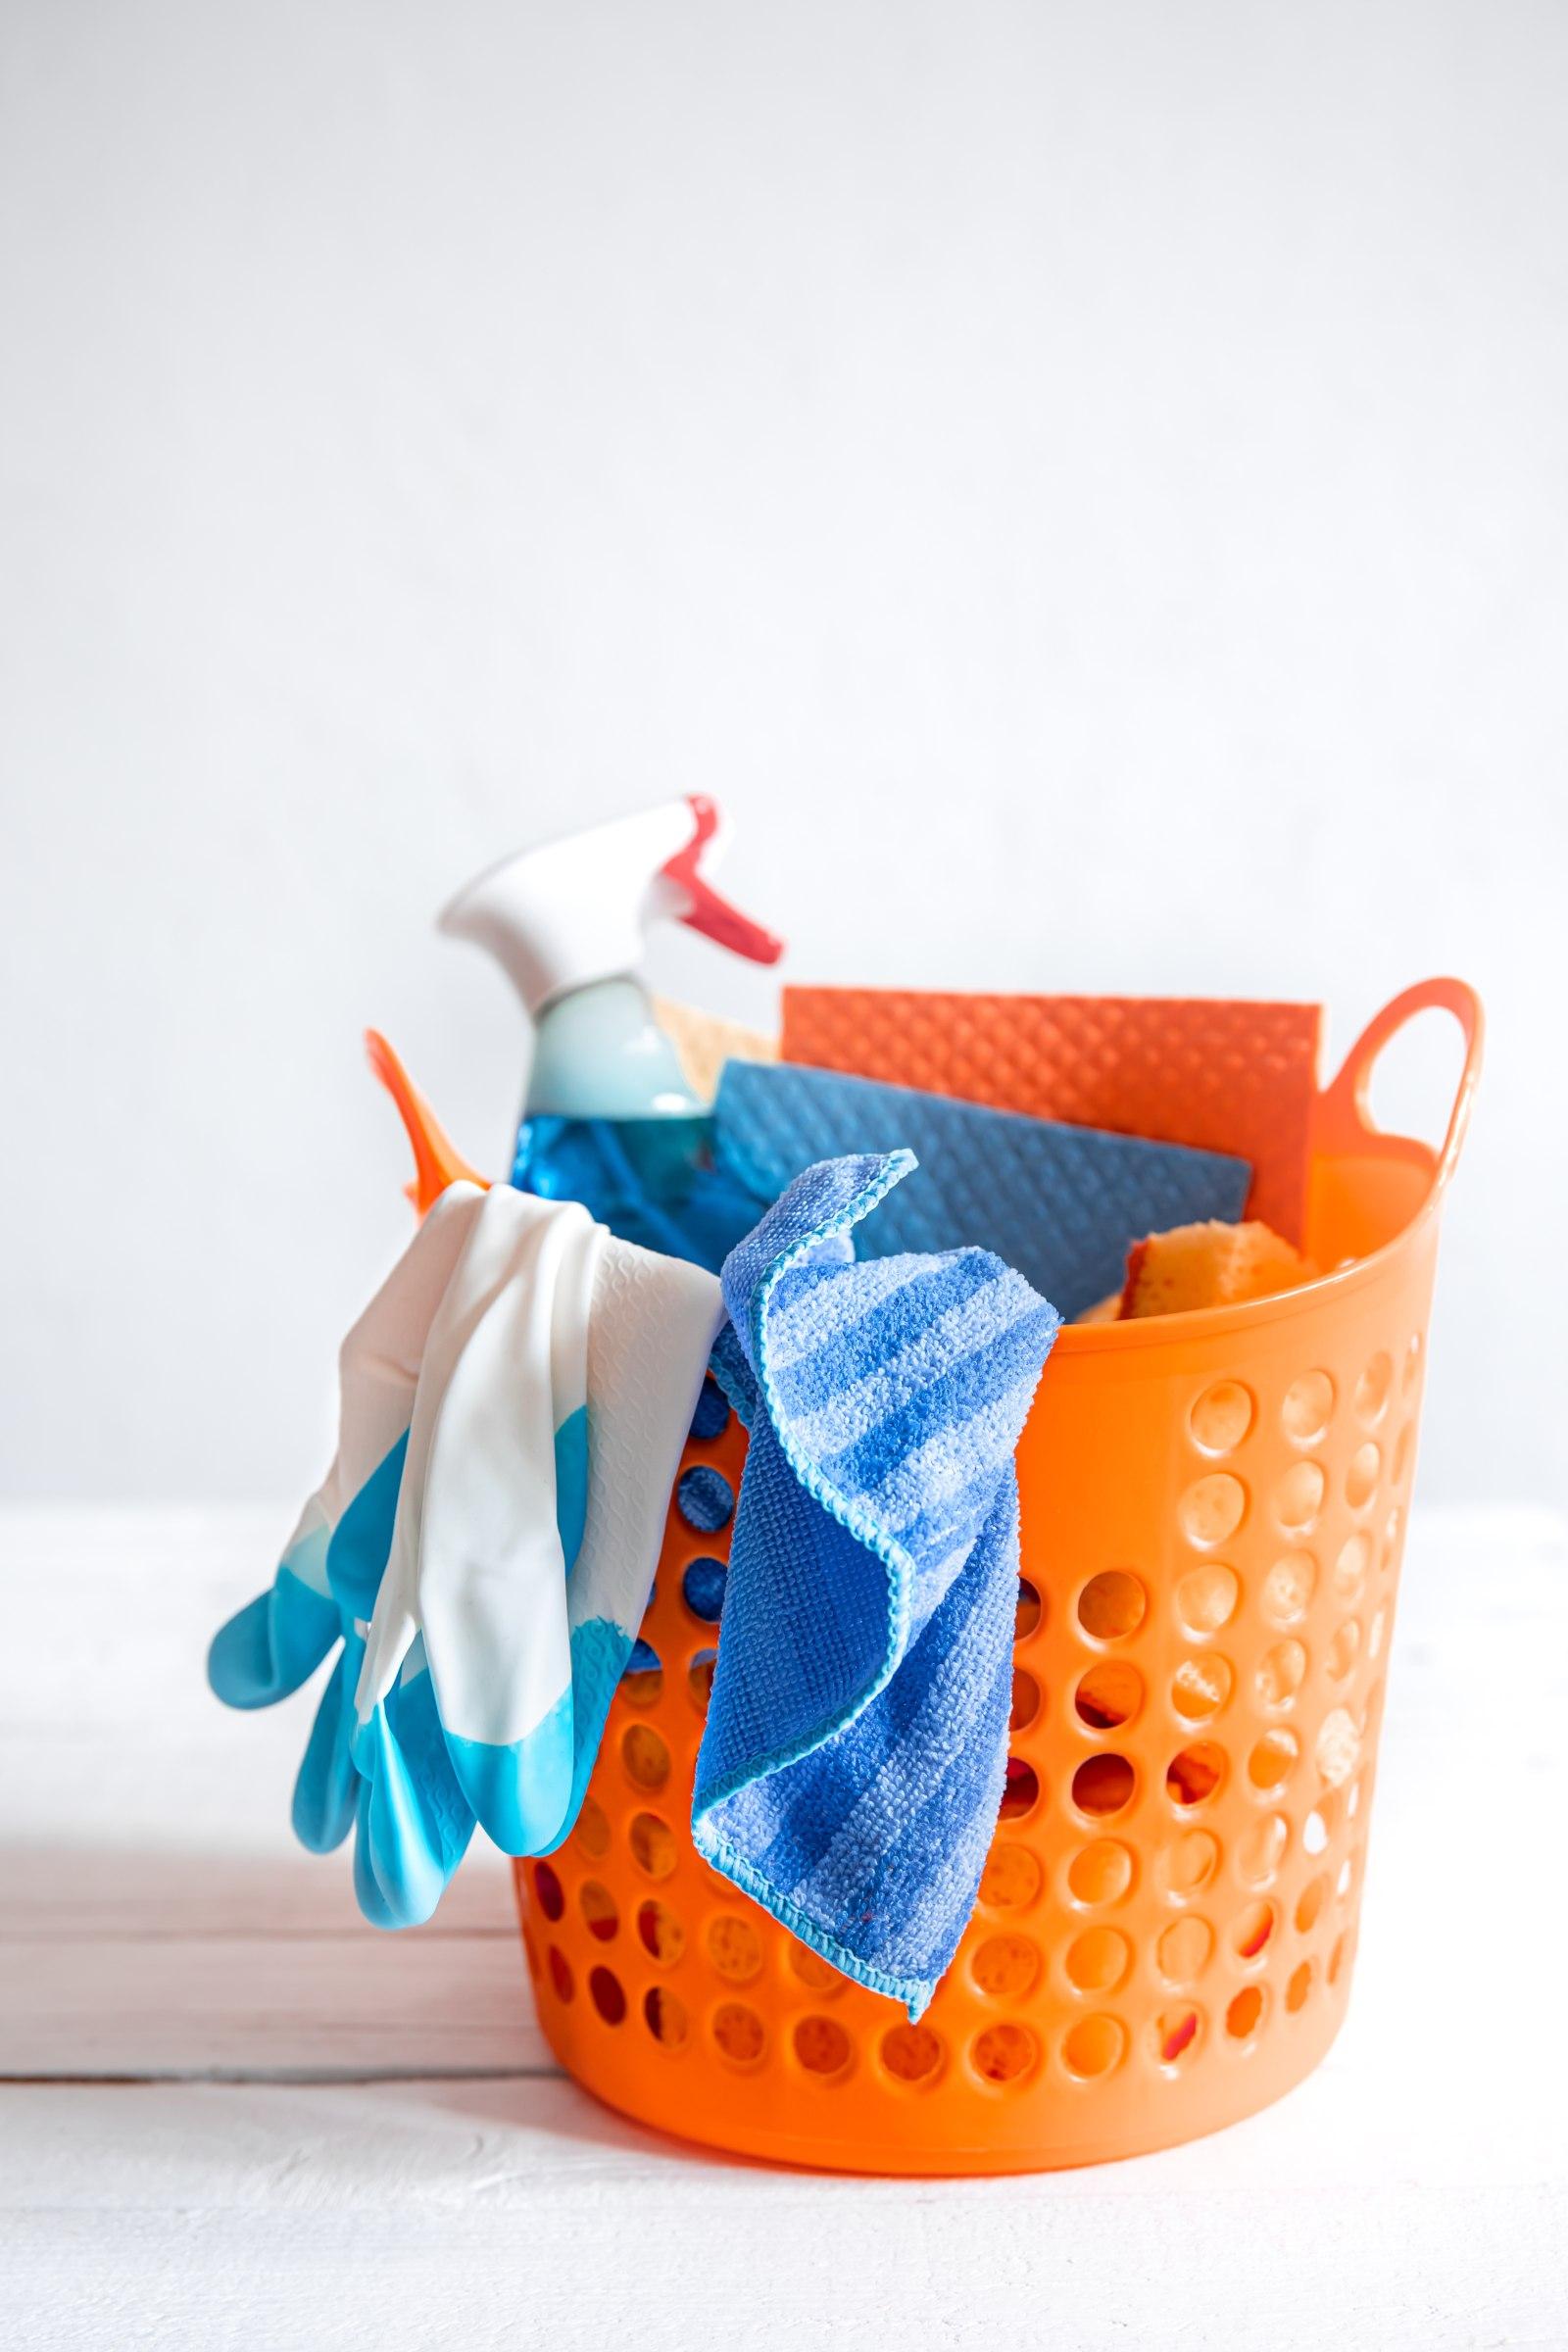 ¿Cómo hacer un inventario de los productos de limpieza del edificio?